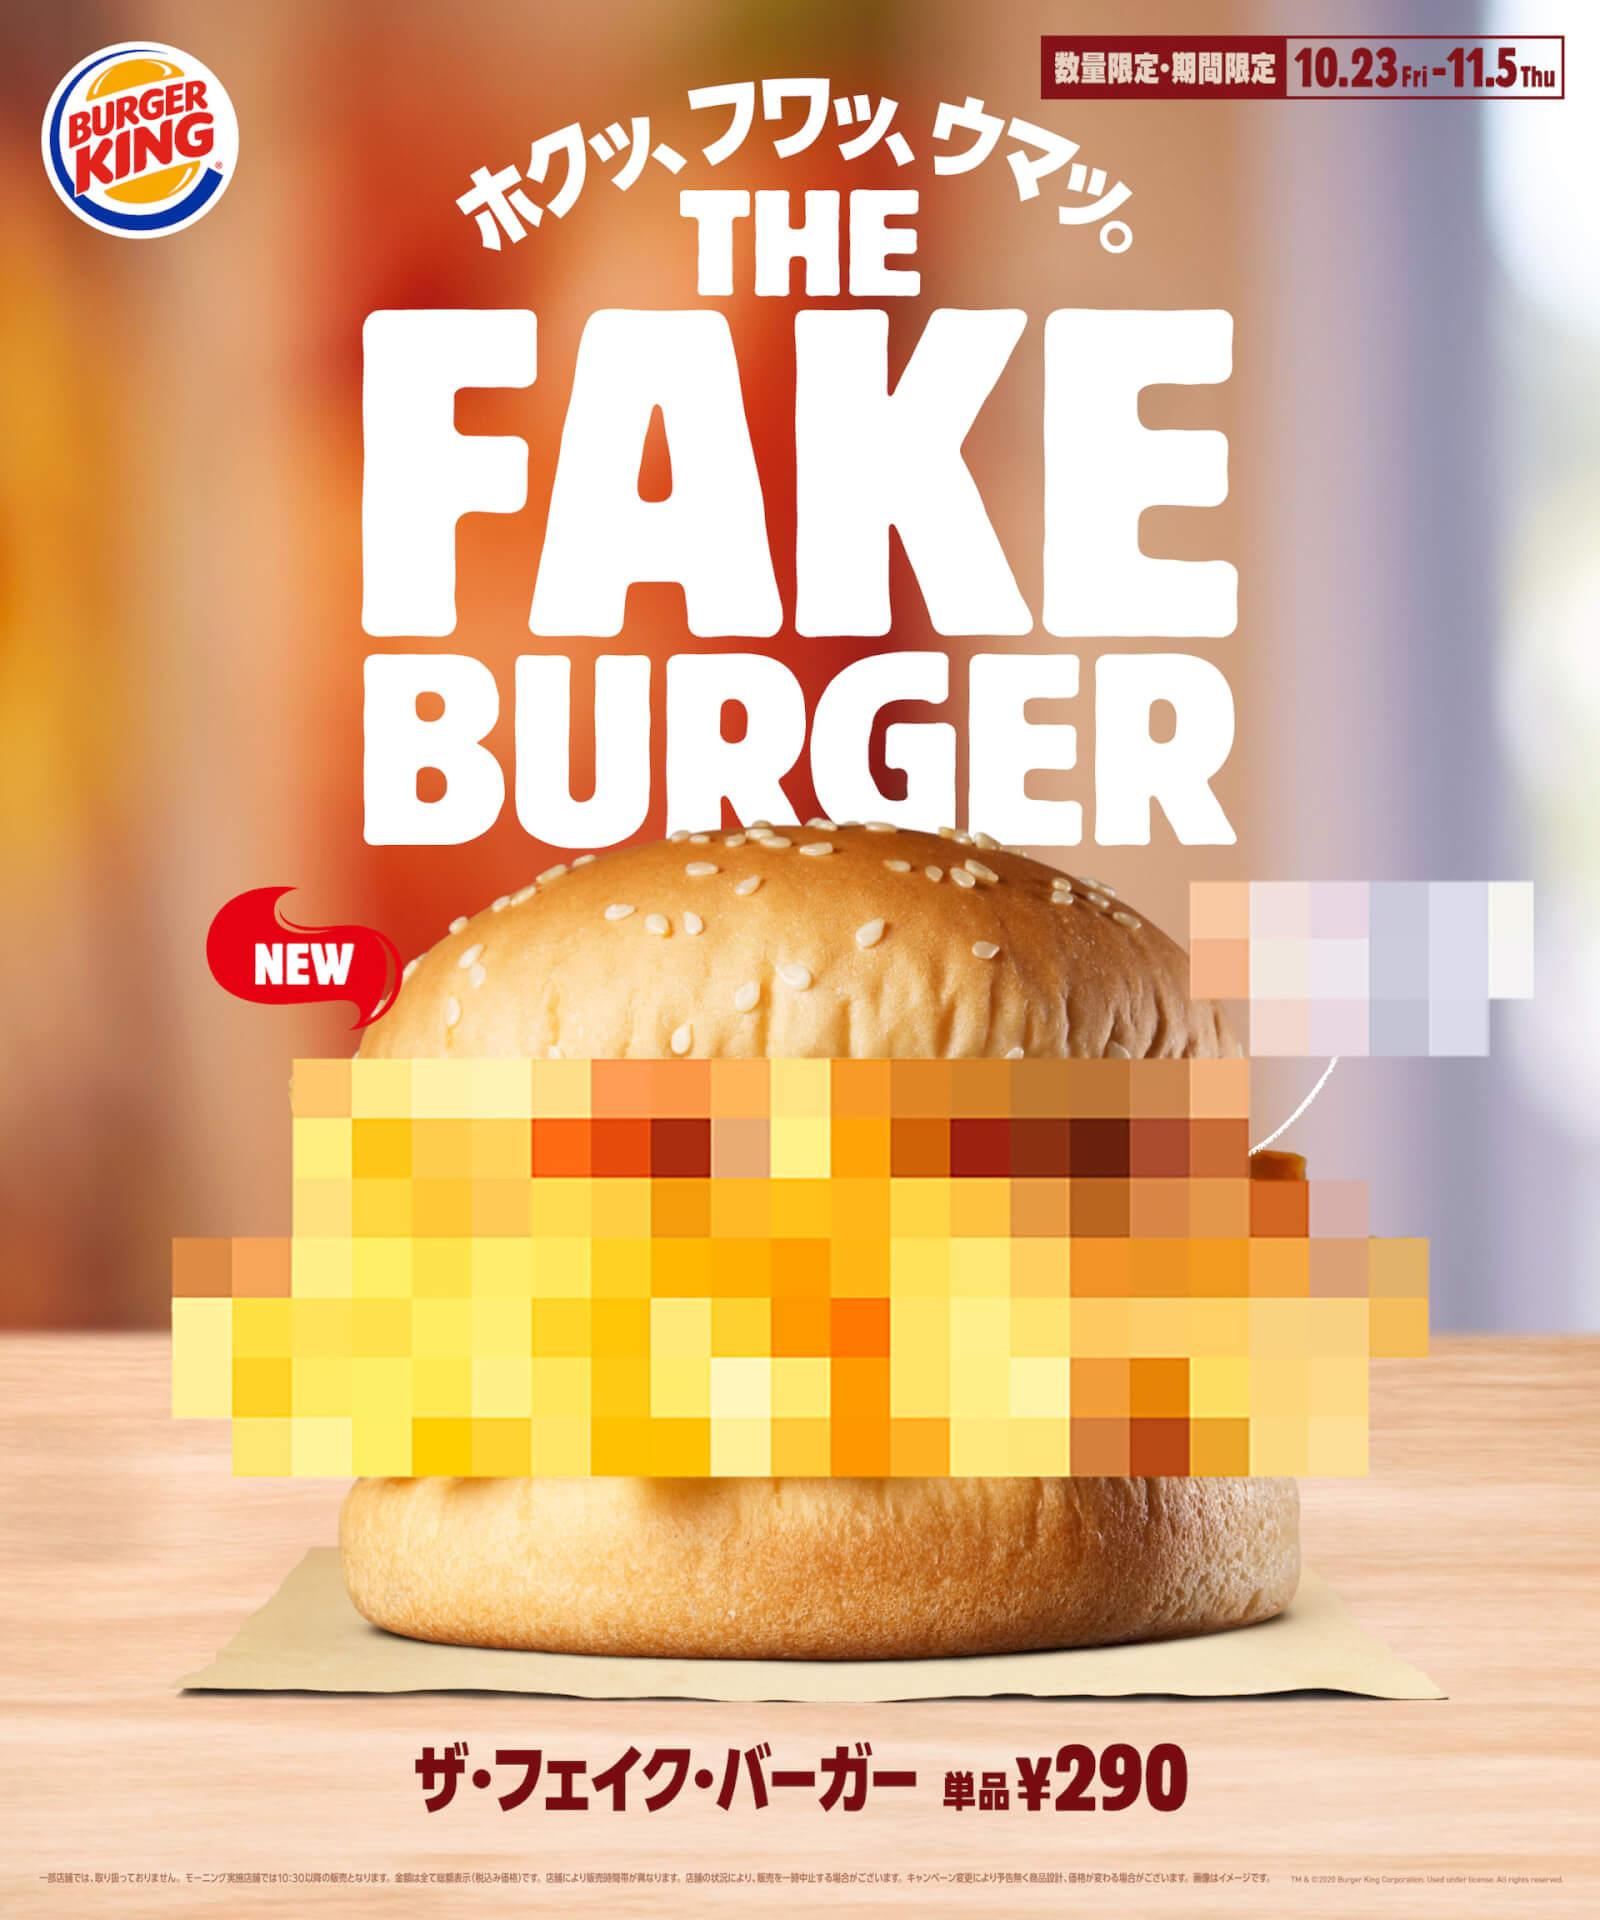 バーガーキングの新商品の中身は発売日まで正体不明!?『ザ・フェイク・バーガー』が発売決定 gourmet201019_burgerking_1